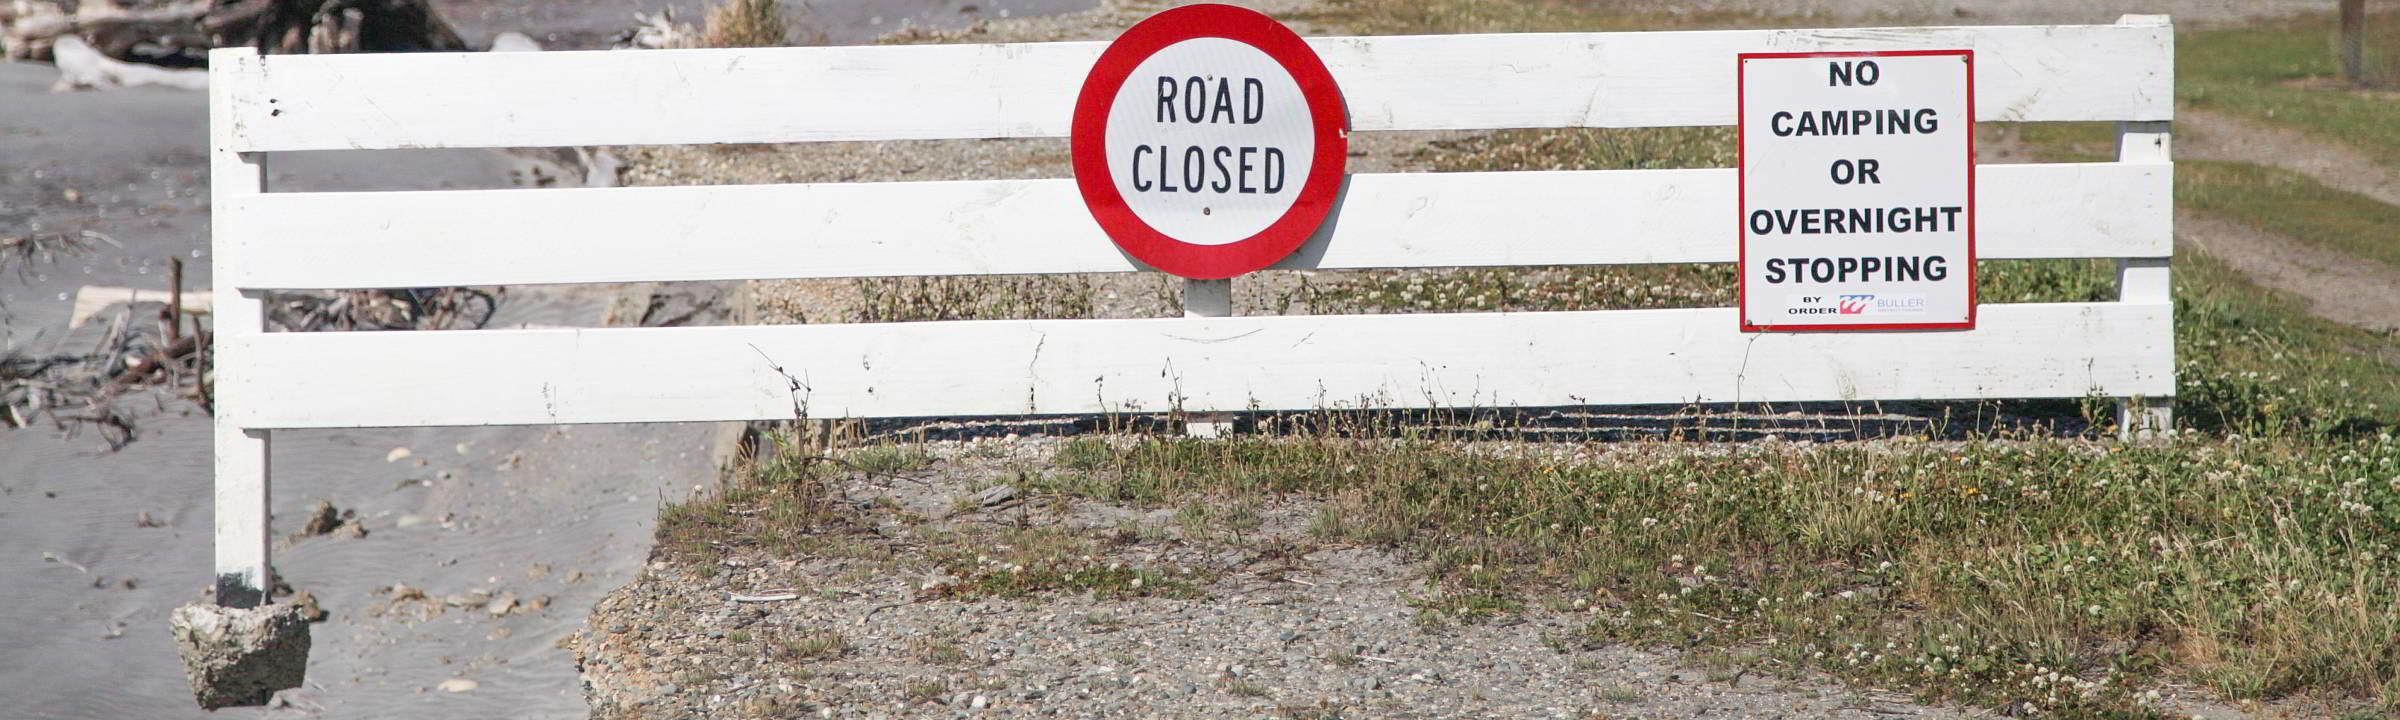 Sind denn nur Schafe unterwegs? – Sicheres Fahren in Neuseeland